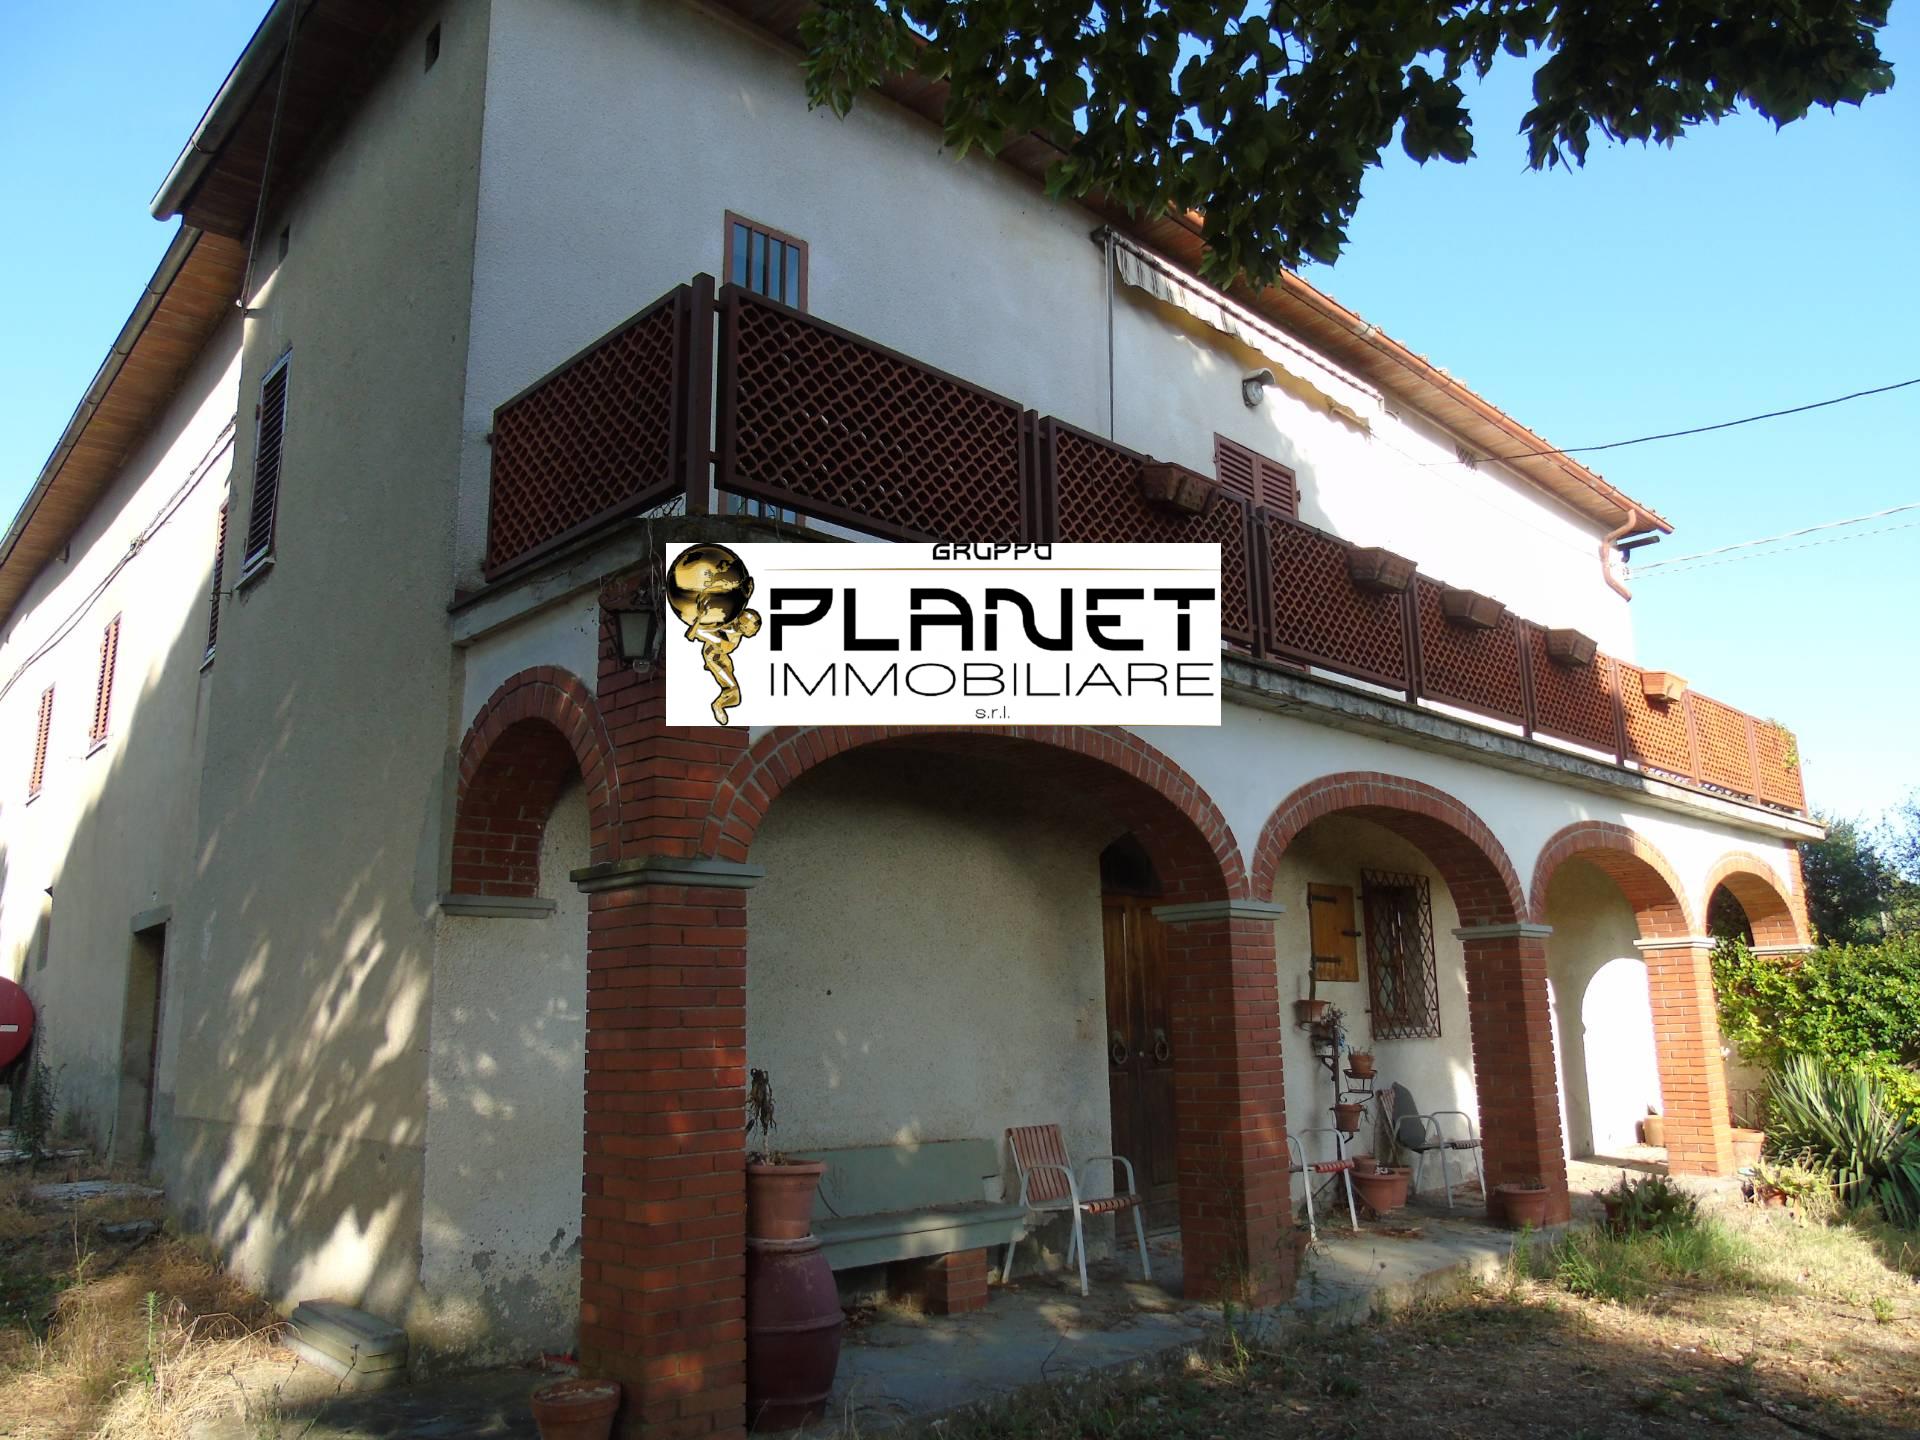 arezzo vendita quart:  gruppo planet immobiliare s.r.l.